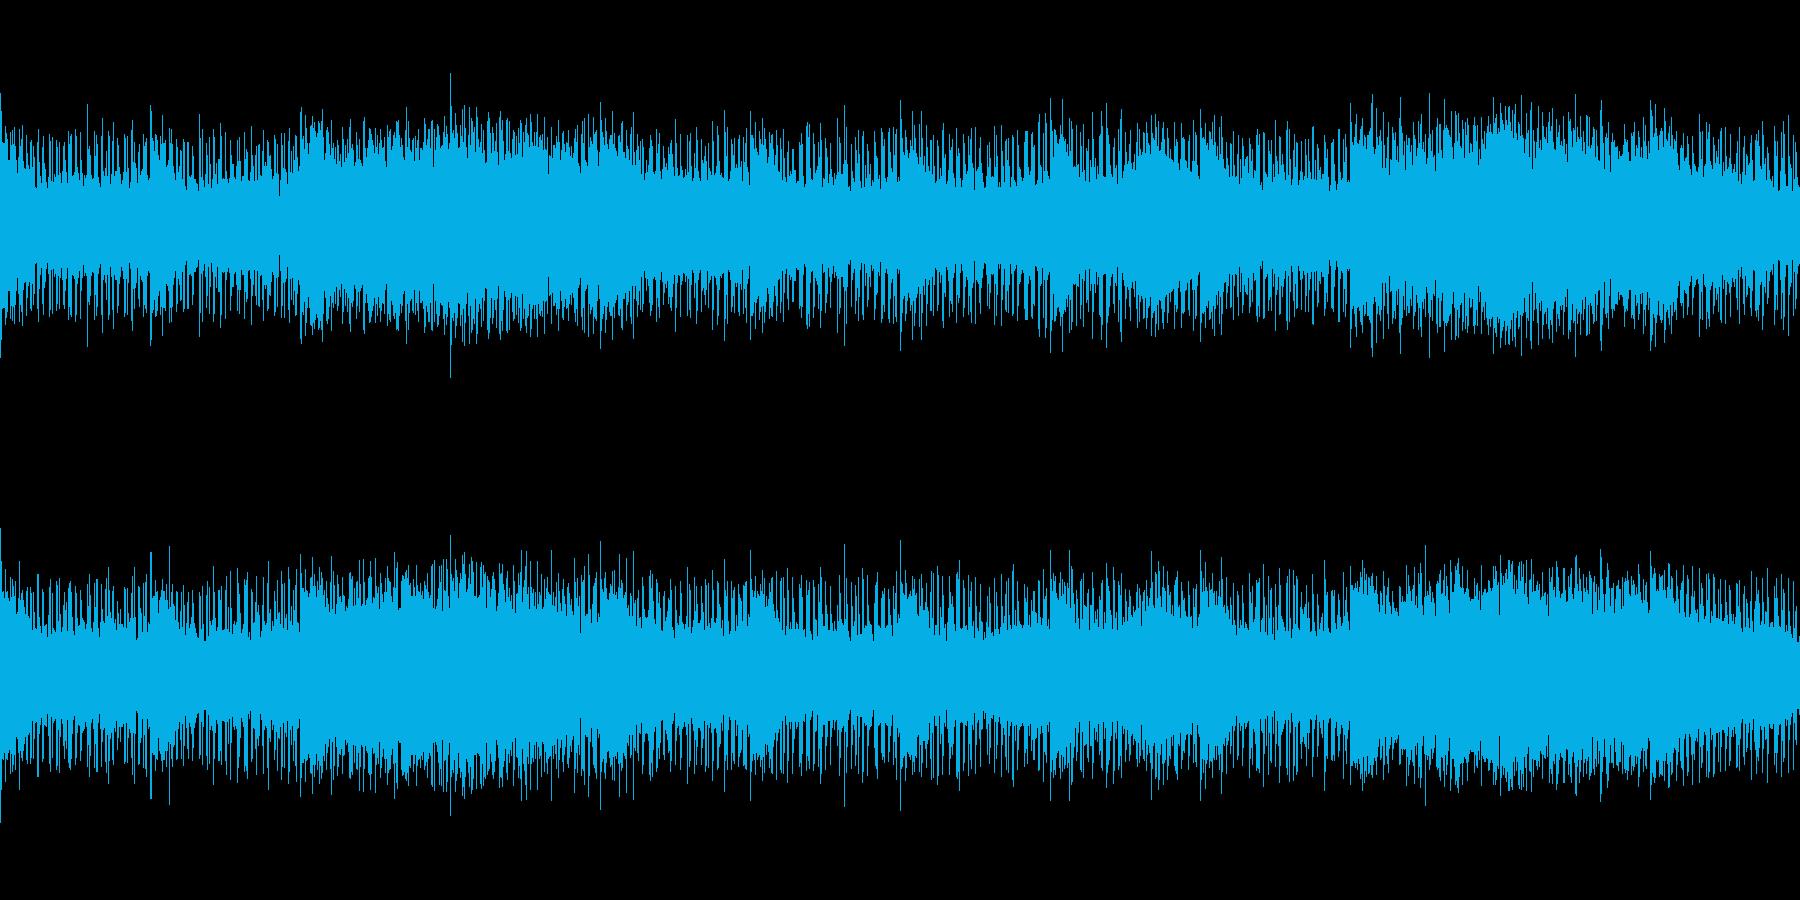 ニュースやナレーションのBGMの再生済みの波形